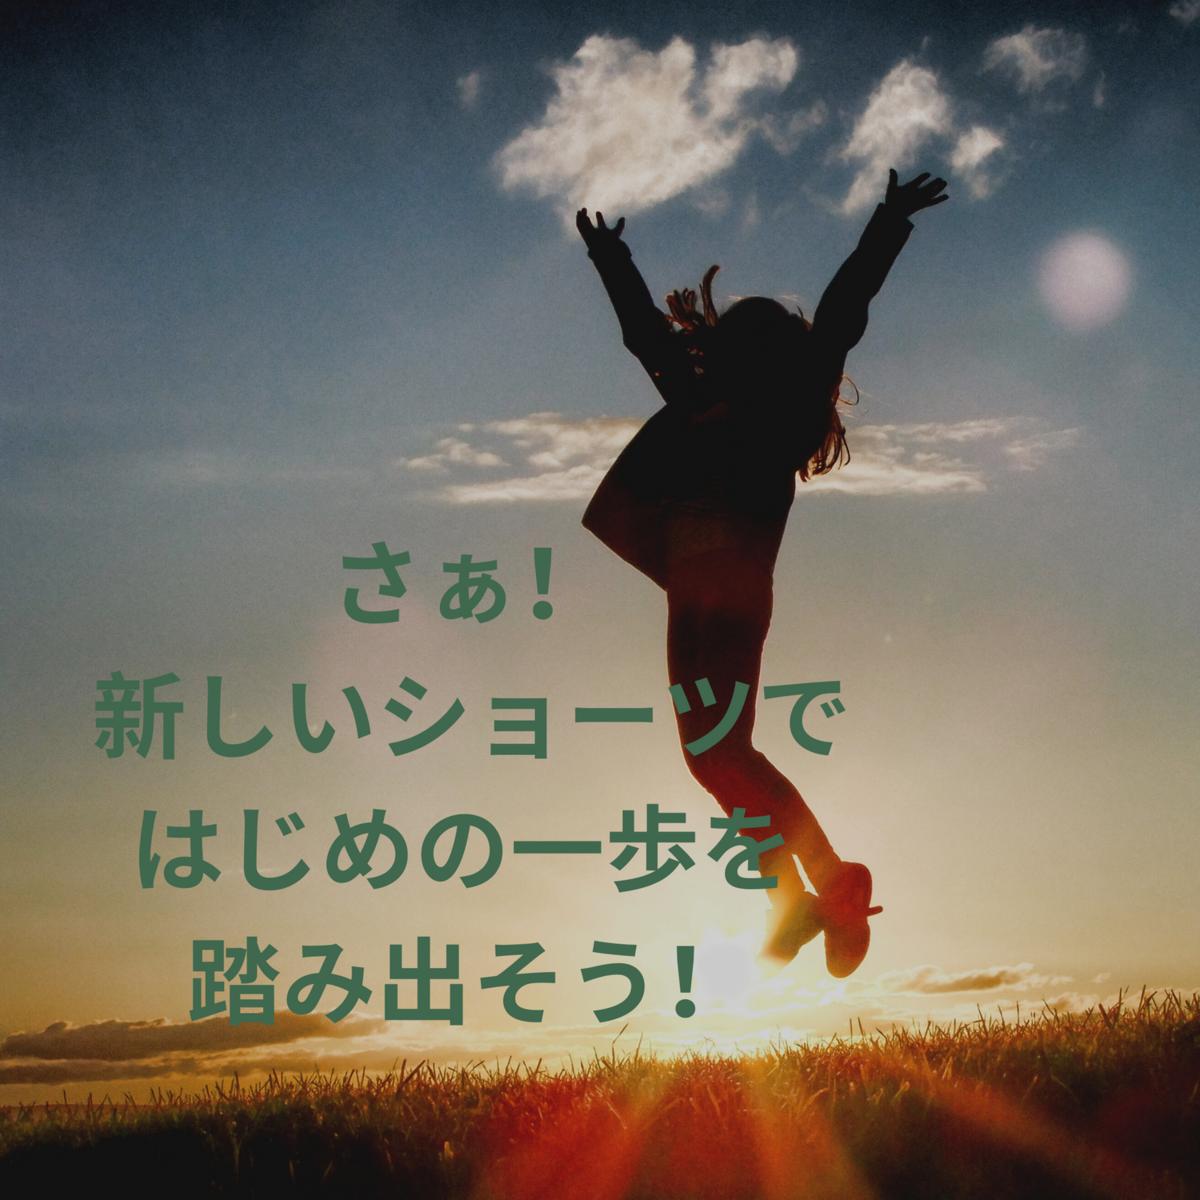 f:id:tsukitohammock:20200106182154p:plain